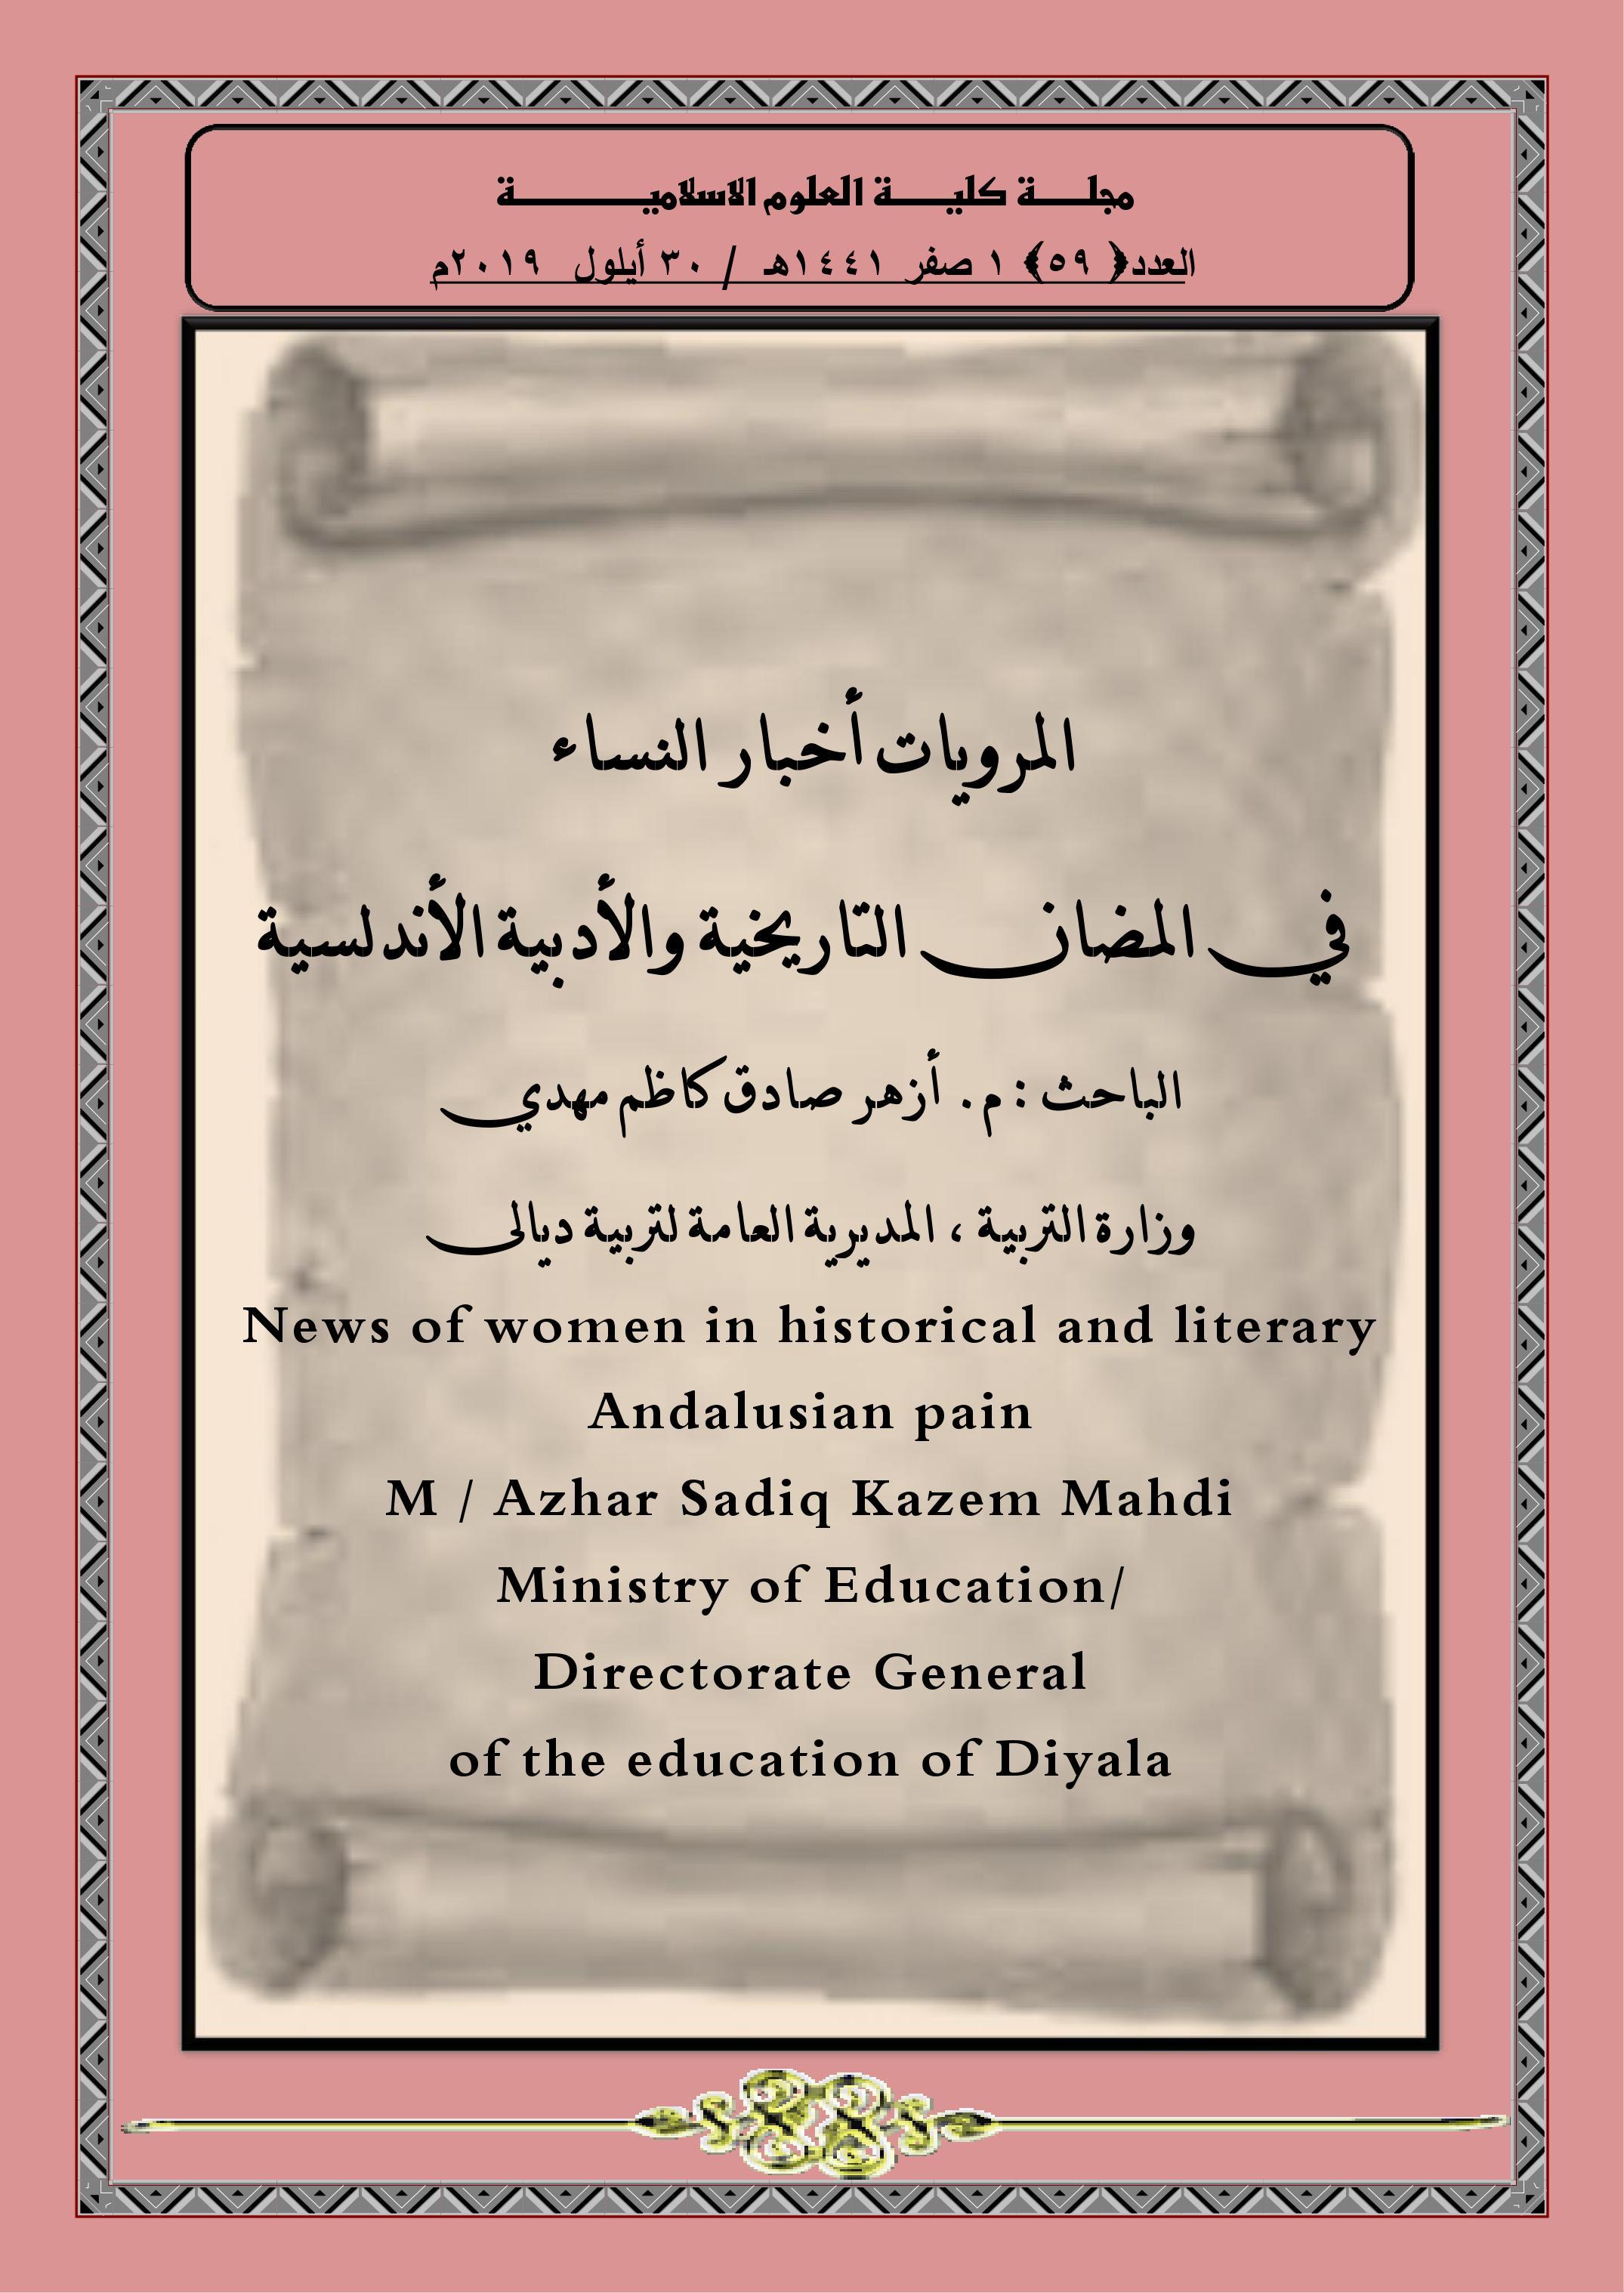 المرويات أخبار النساء  في المضان التاريخية والأدبية الأندلسية